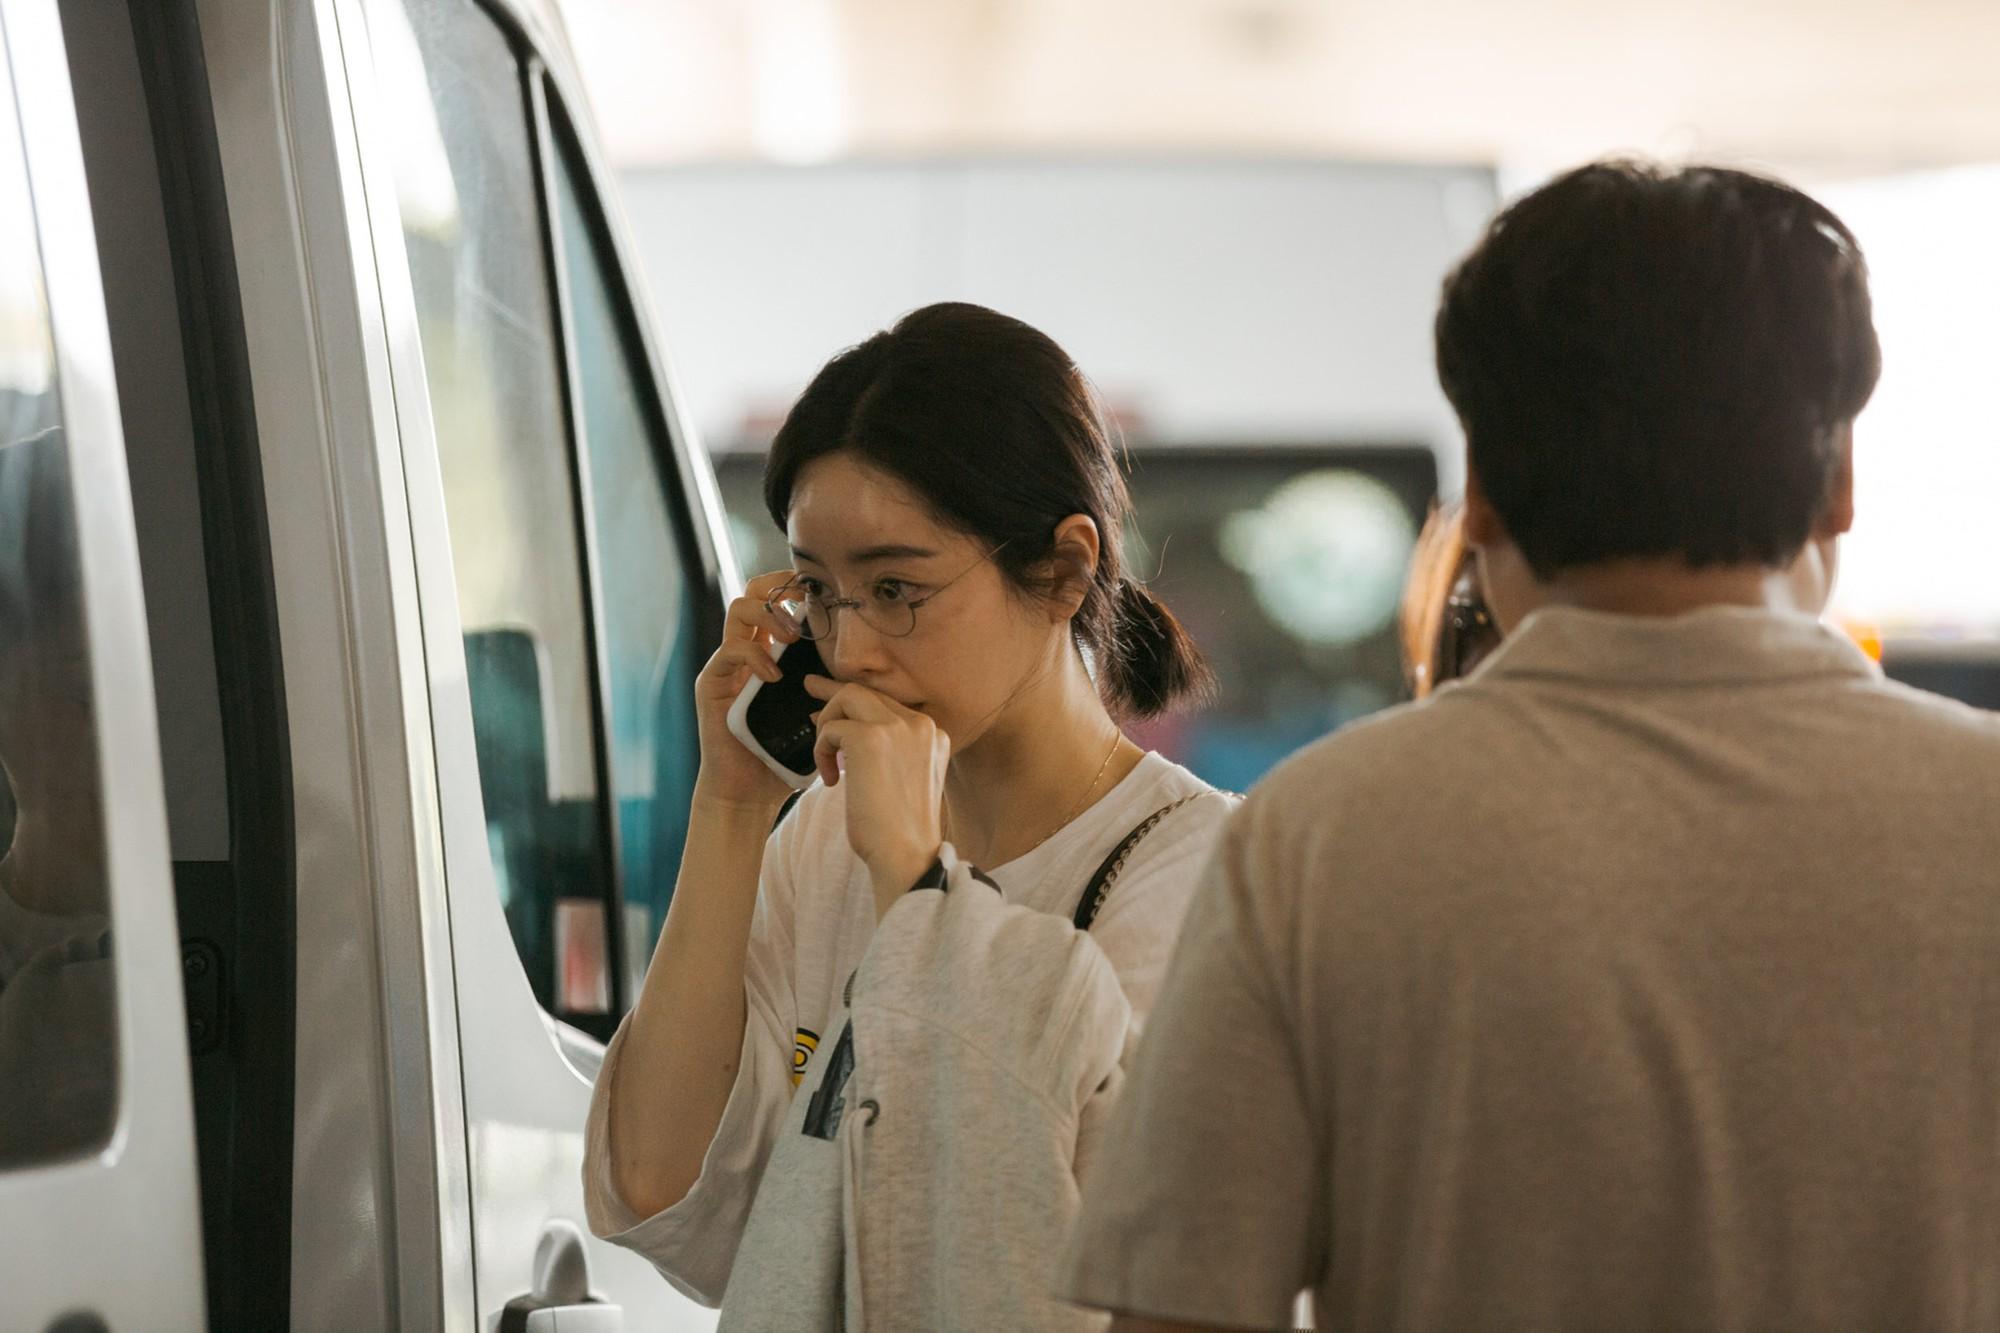 Phạm Băng Băng xứ Hàn mặt mộc quá đỉnh, cặp đôi tài tử Jumong vừa chia tay đã sóng đôi tại sân bay Tân Sơn Nhất - Ảnh 1.